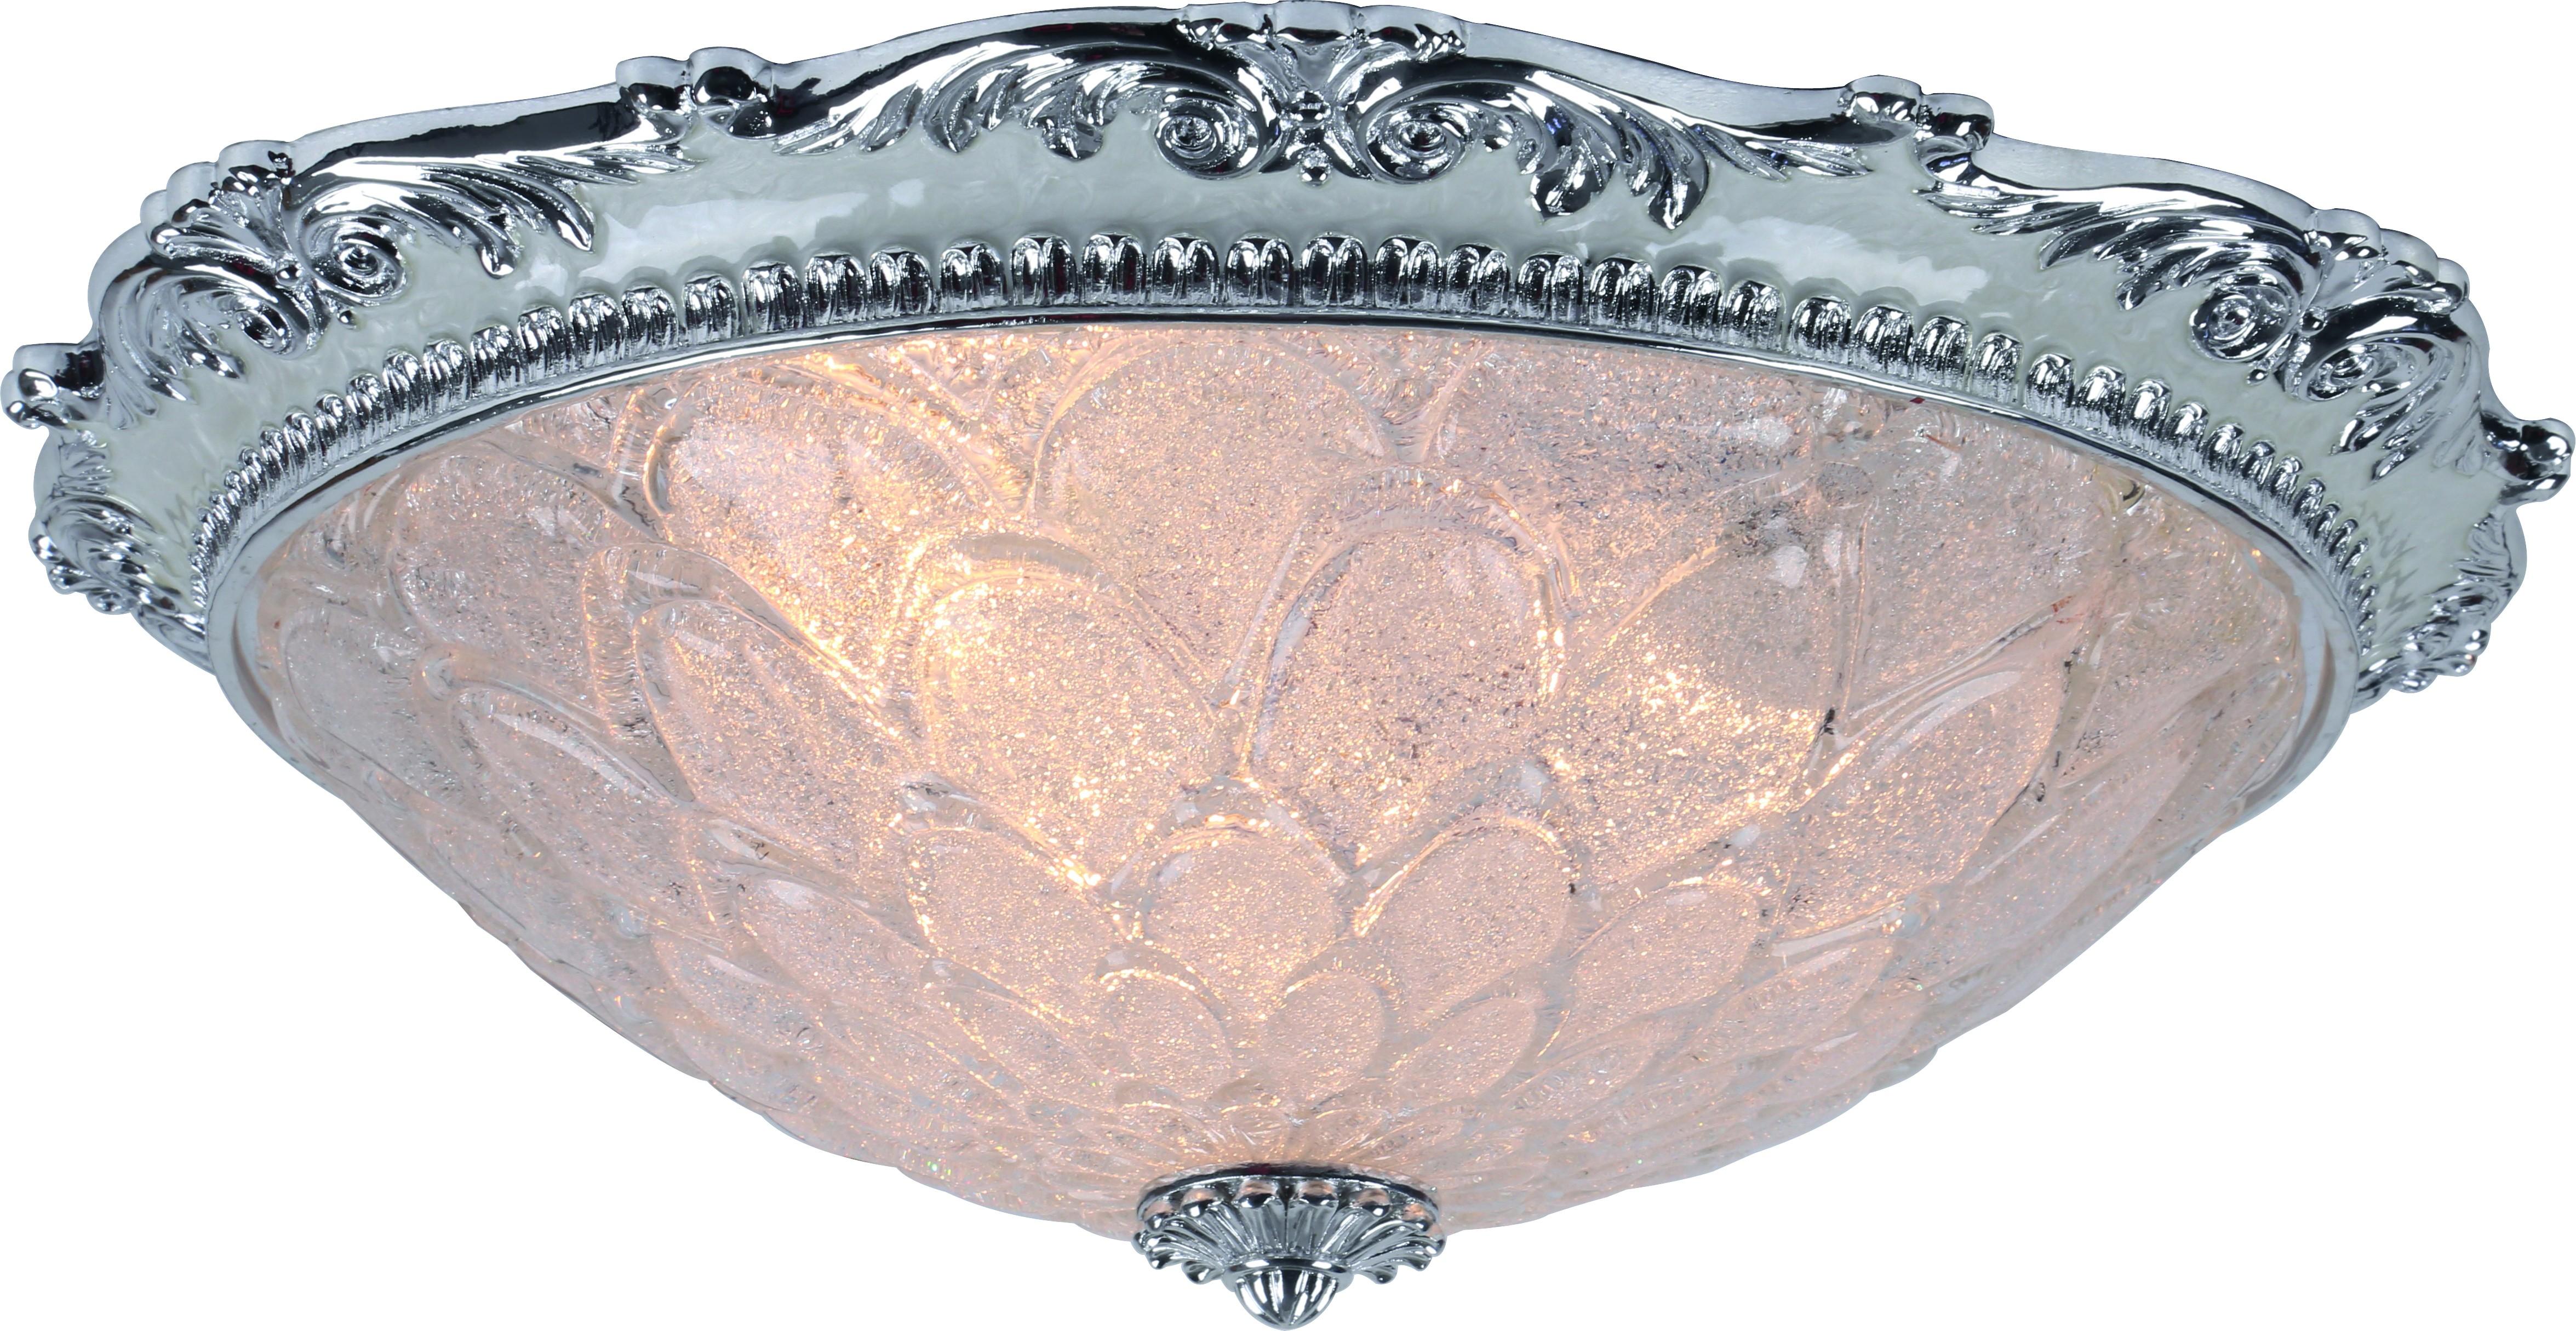 Светильник настенно-потолочный Arte lamp A7136pl-3wh потолочный светильник shirp a3211pl 3wh arte lamp 1182062